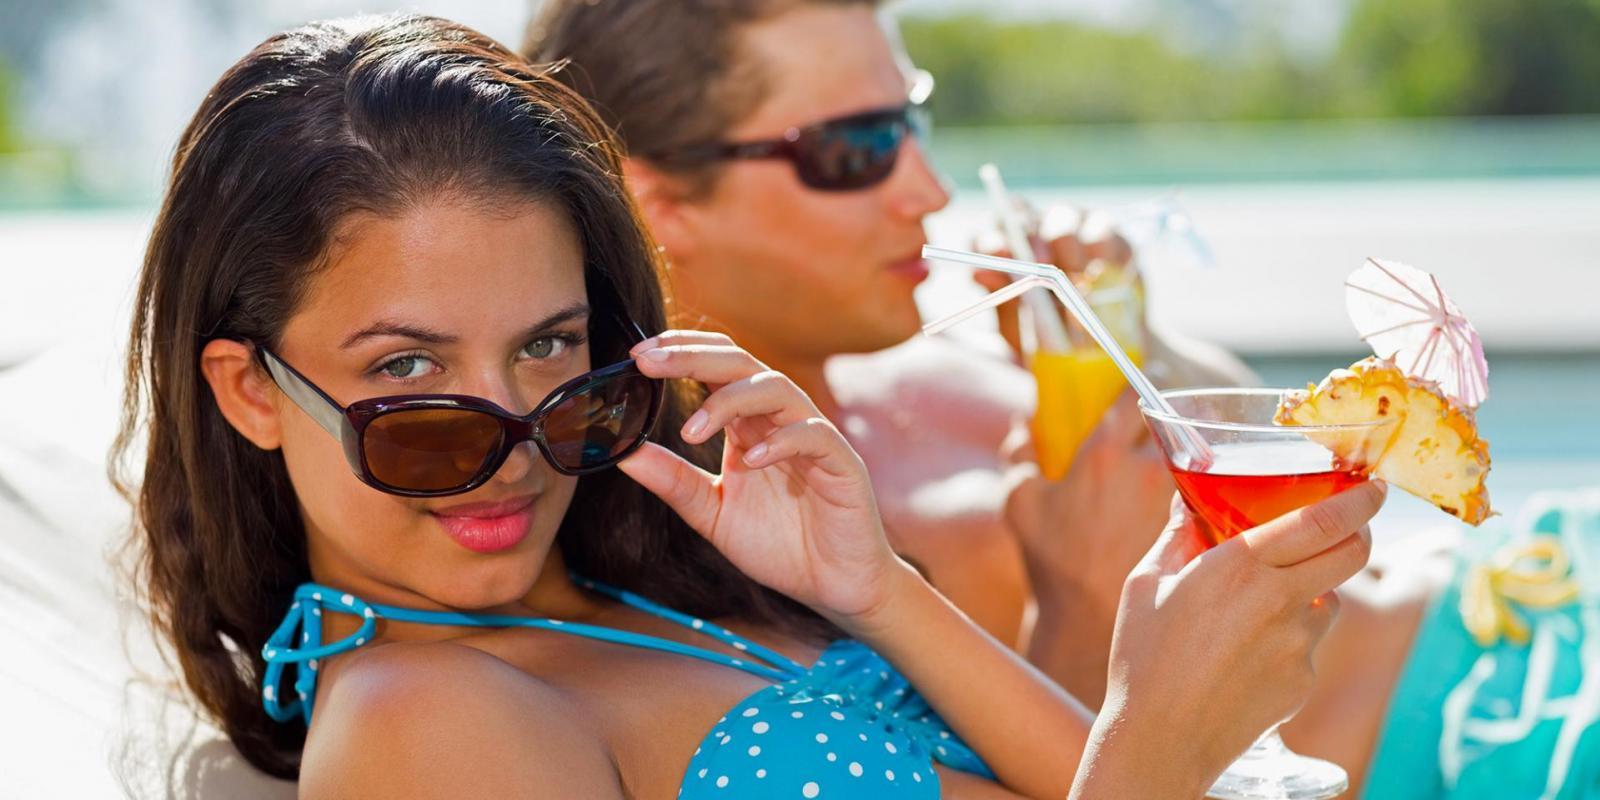 activités amusantes pour les couples de rencontres a2 Agence de rencontres sérieuse